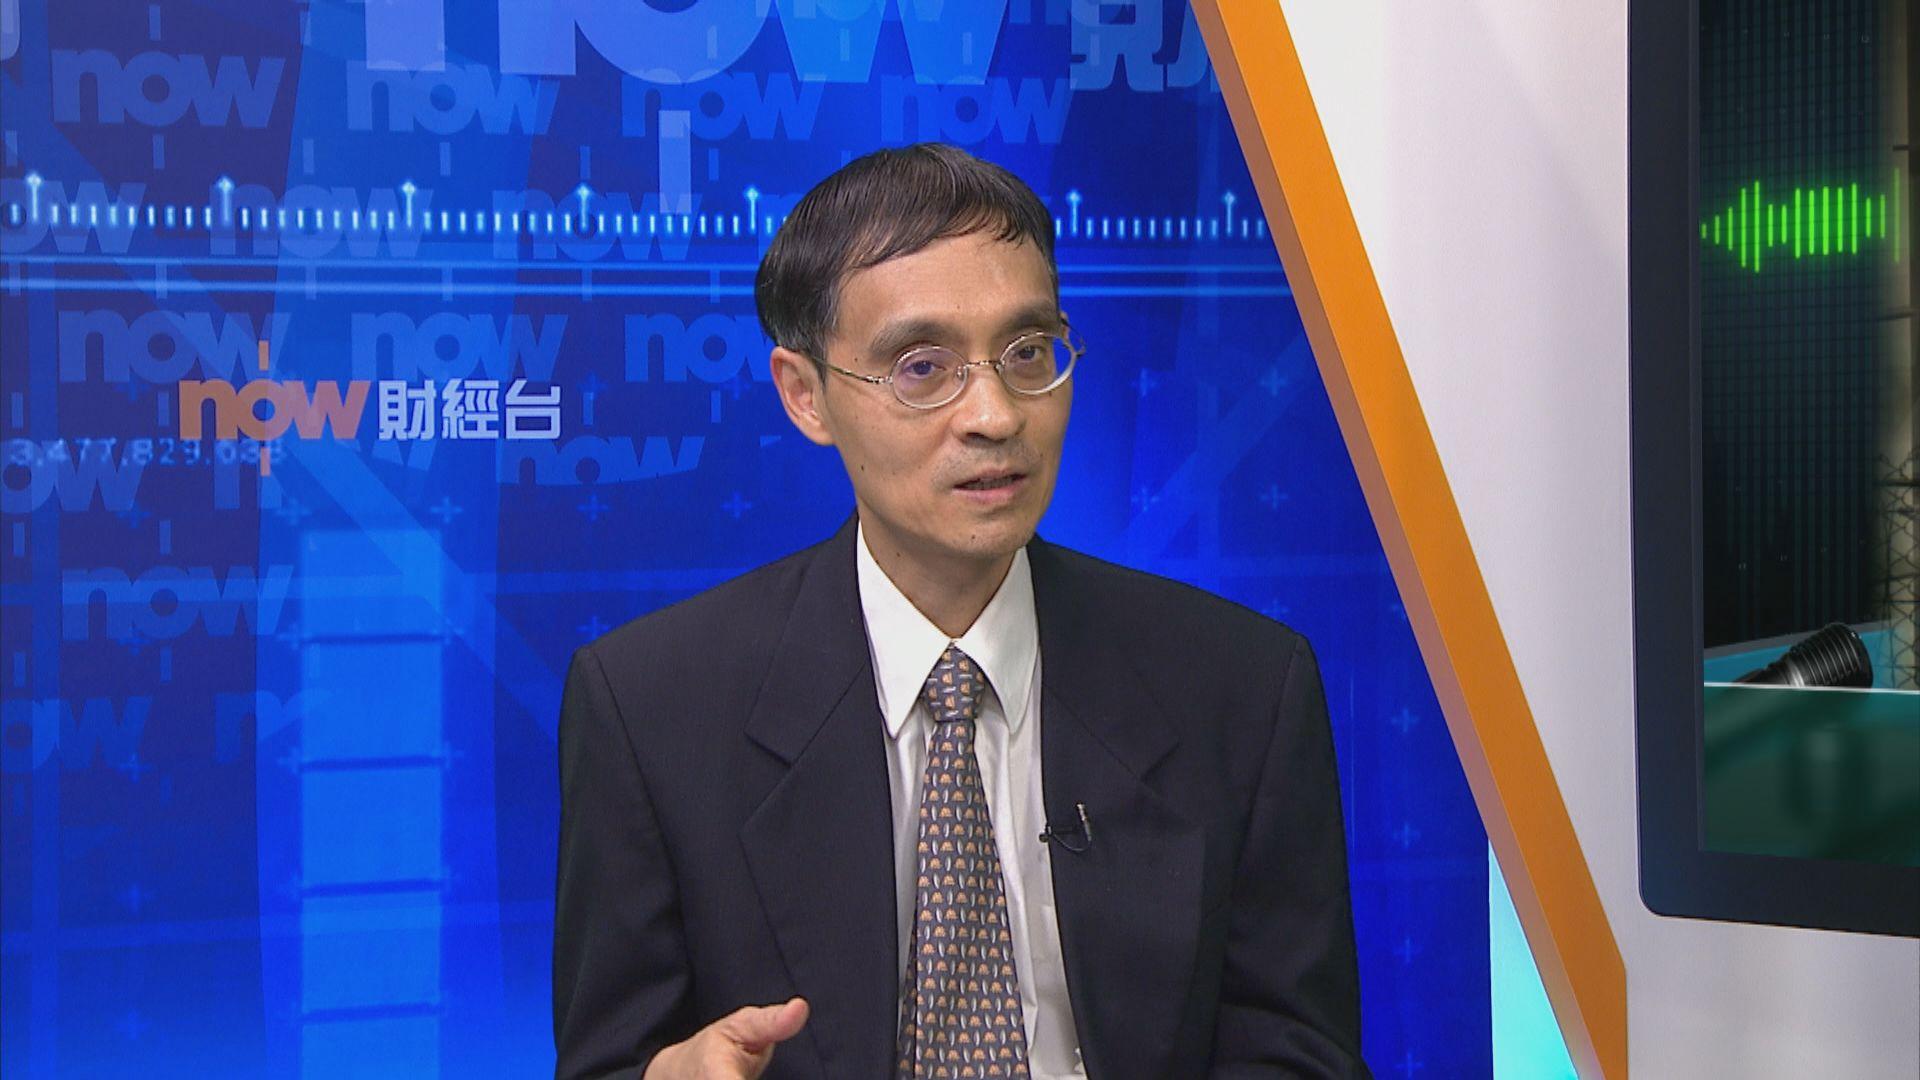 湯家驊指若立會長期拉布有機會違國安法 陳弘毅不認同